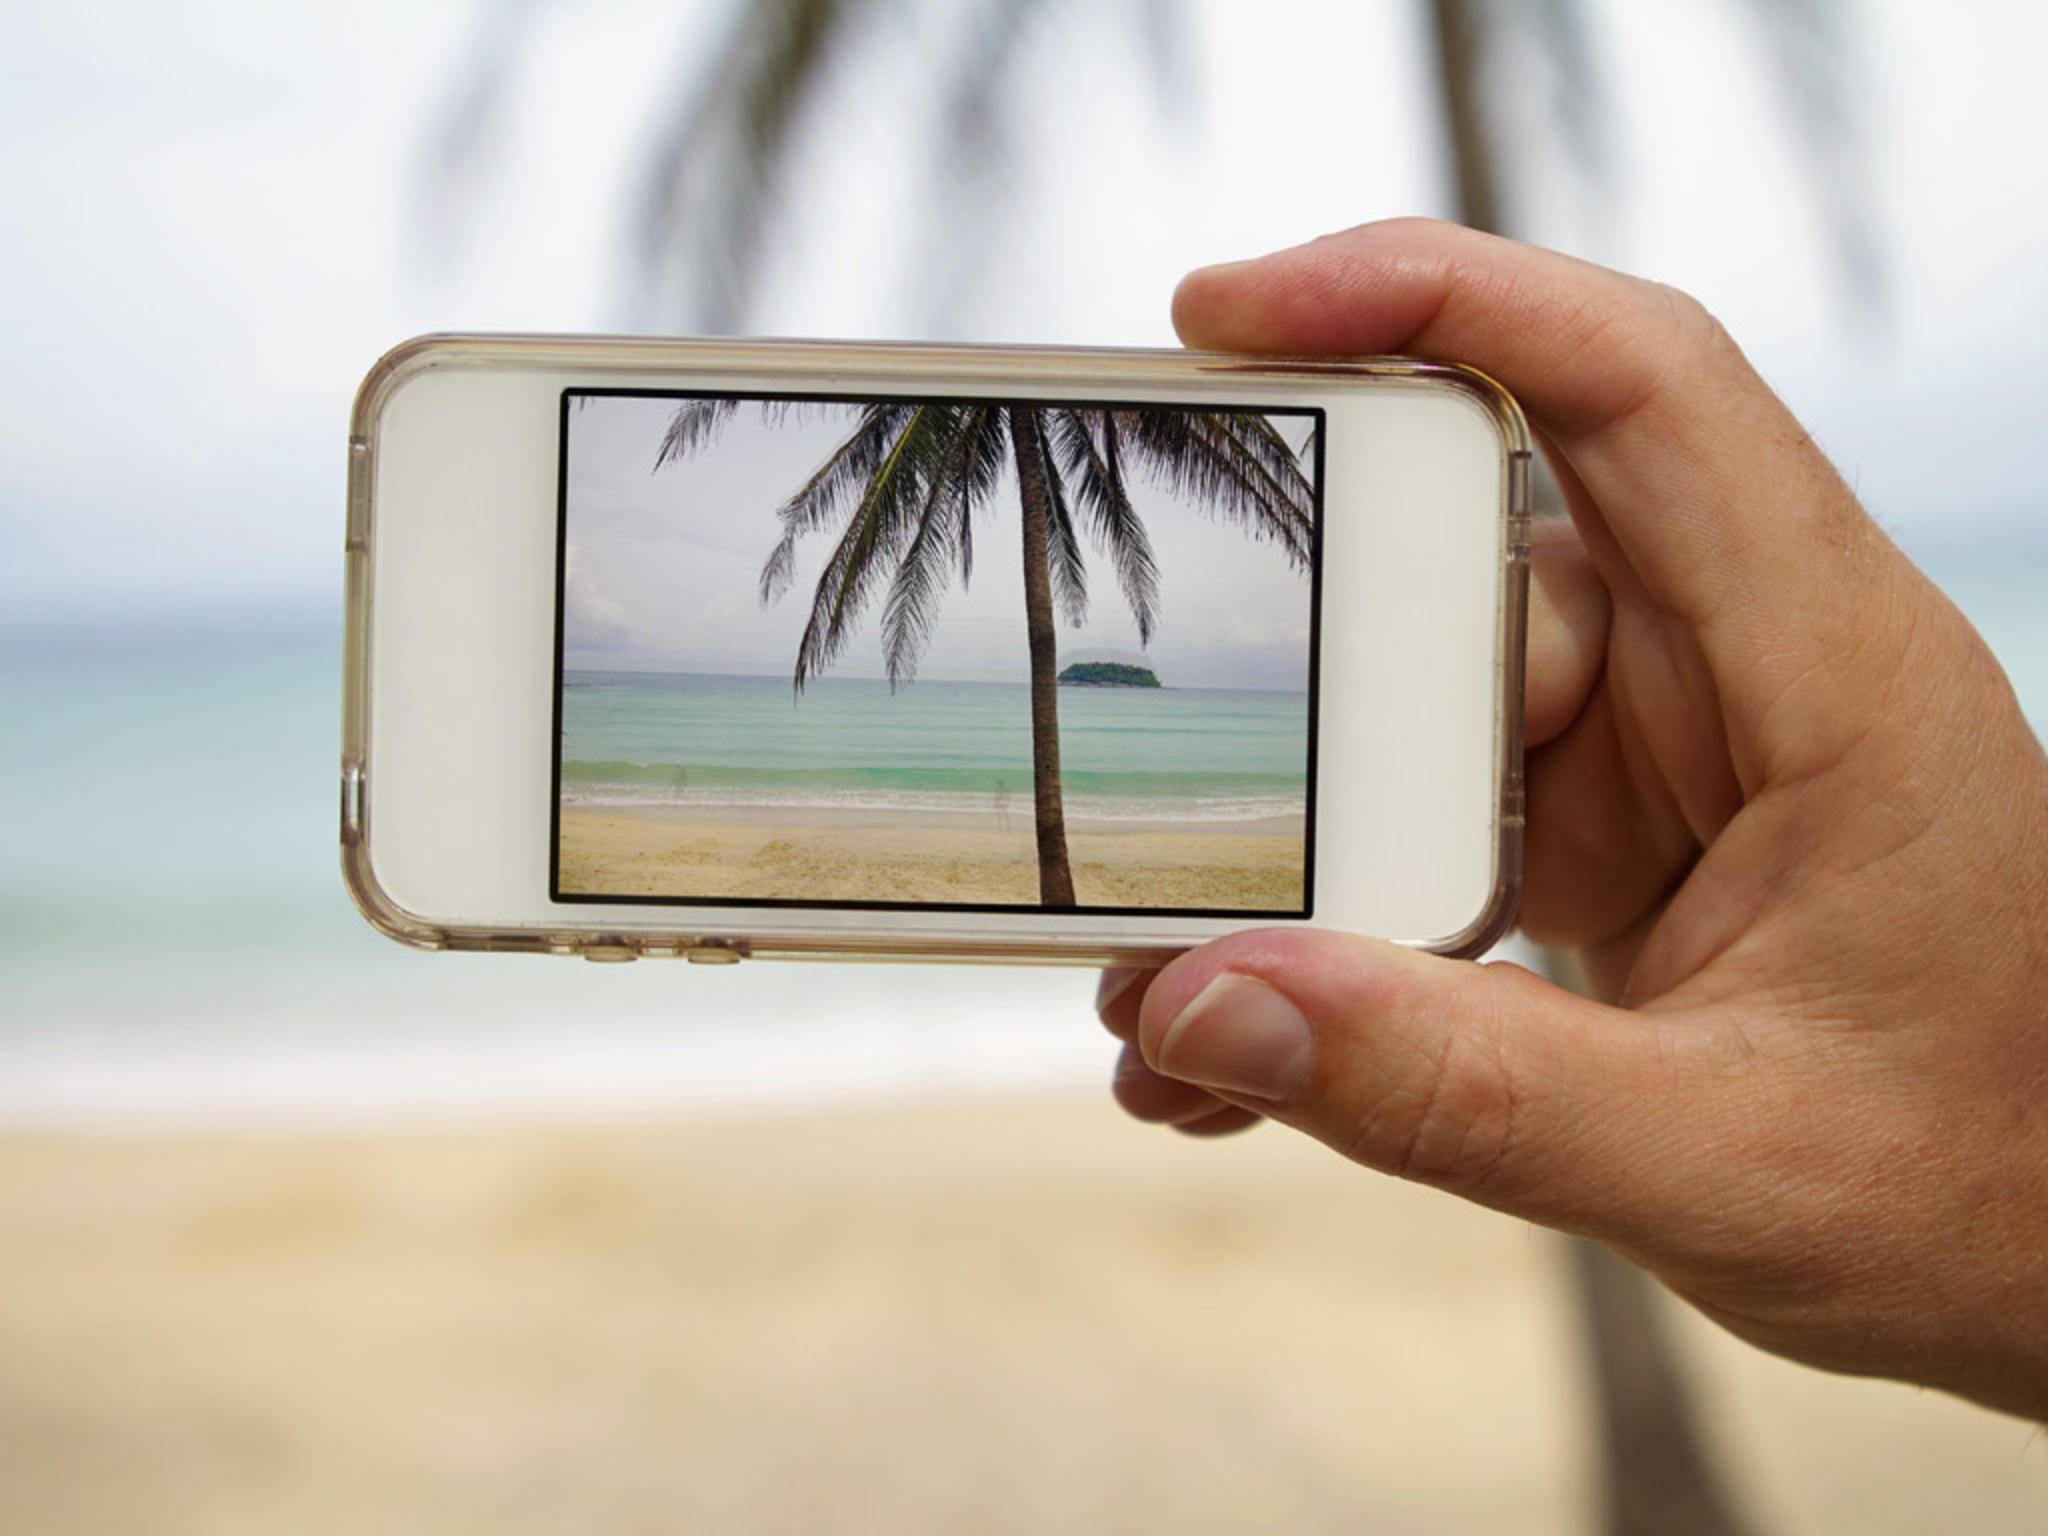 Manche Smartphone-Hersteller warnen bereits vor Temperaturen über 35 Grad.